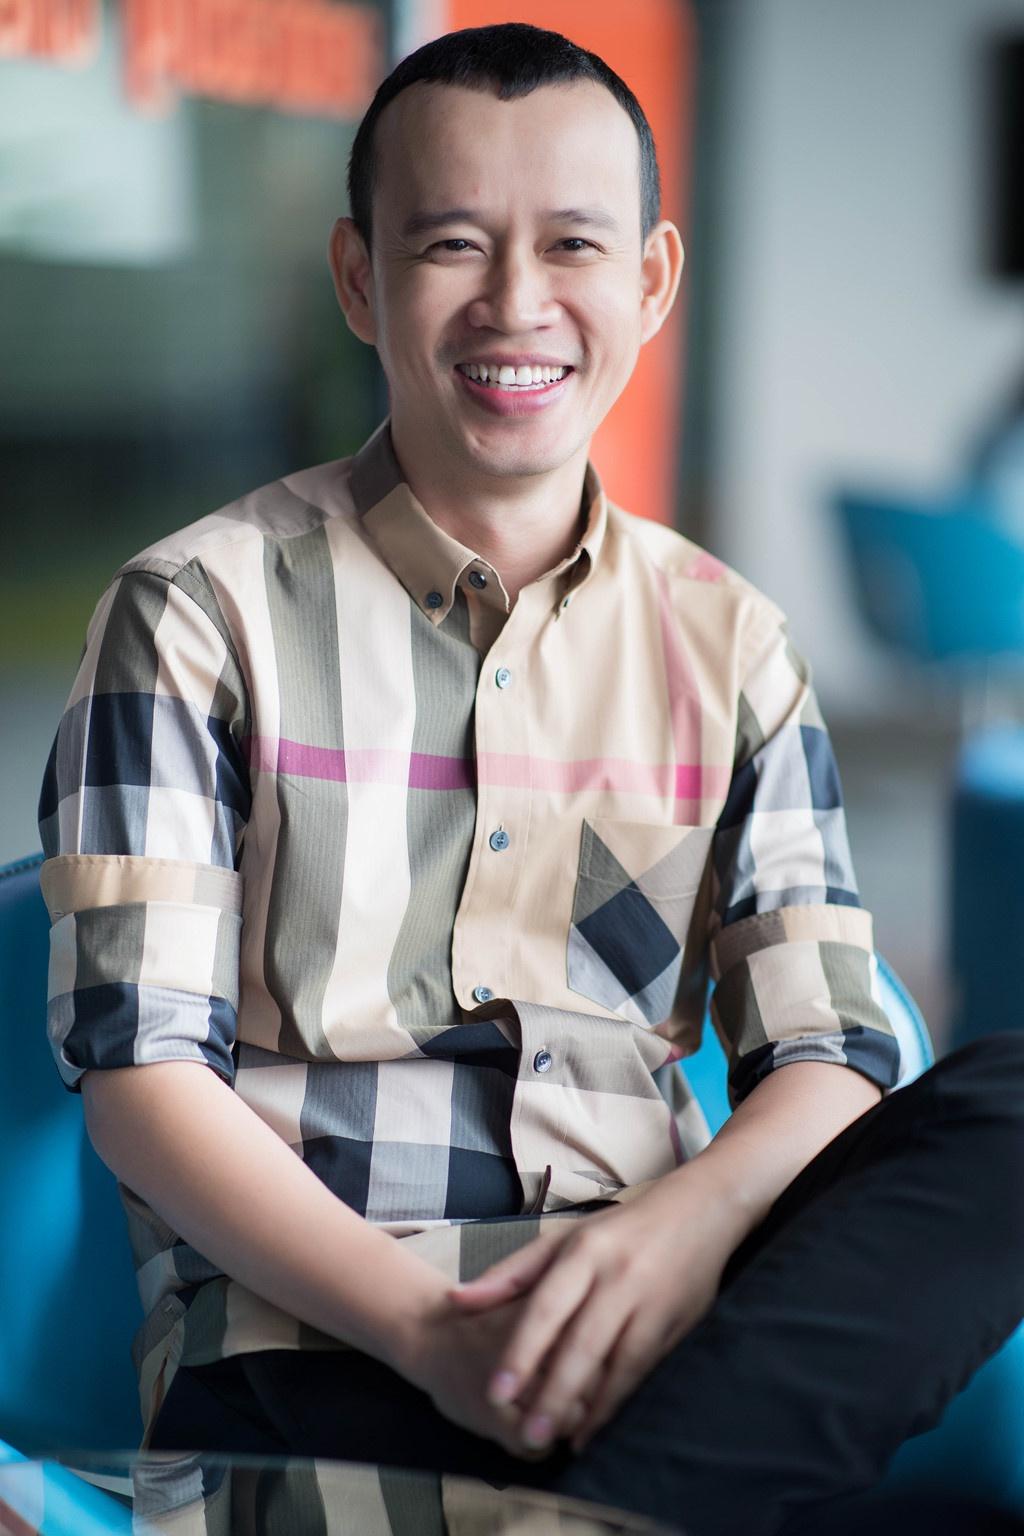 Hoa hậu Mai Phương Thúy và chuyên gia Phúc Nguyễn đánh giá cao thành tích top 20 của Hoàng Thùy.